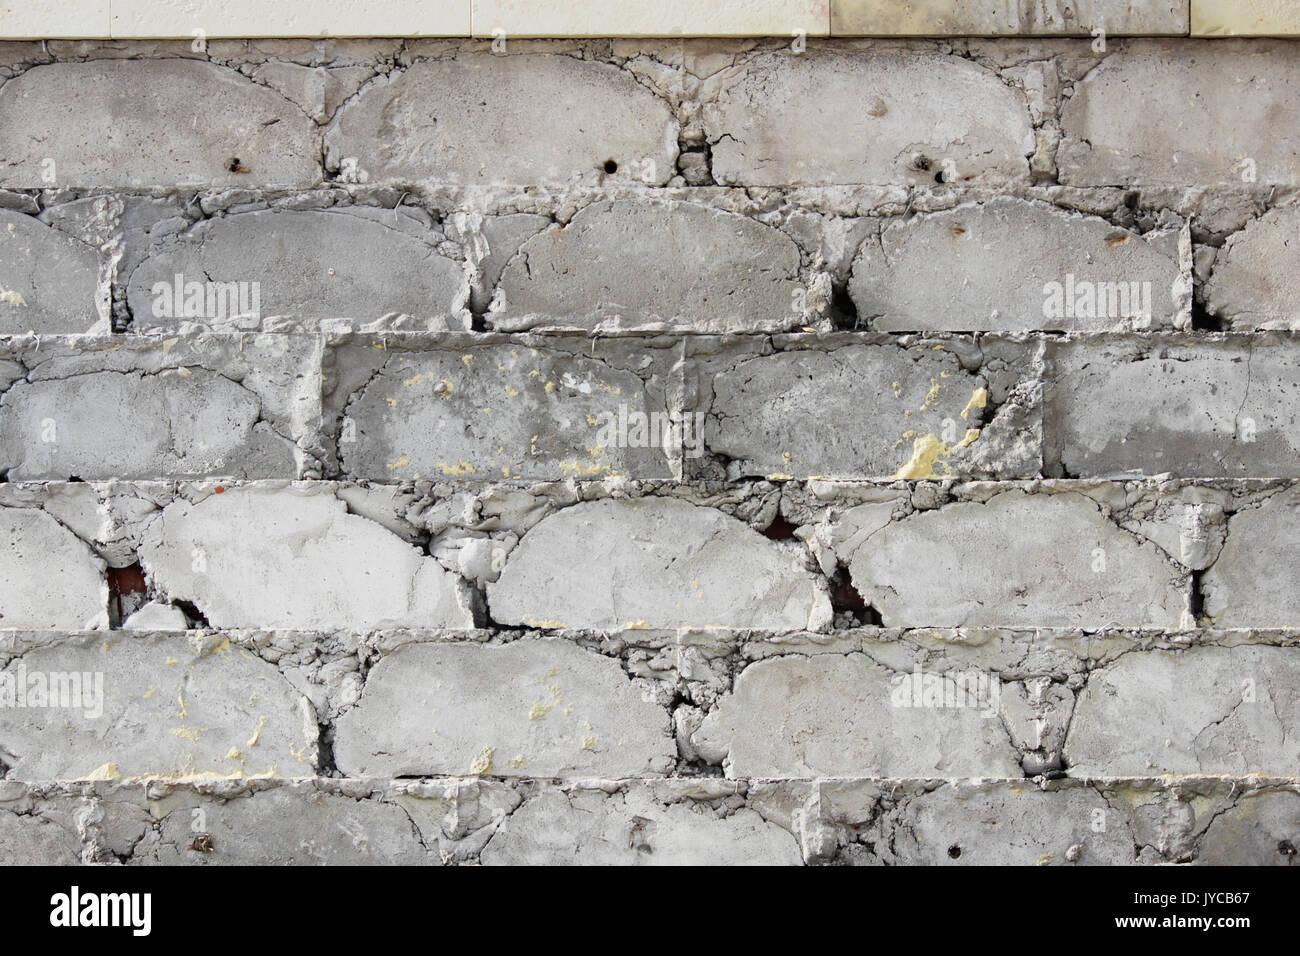 Grande Muro beige piastrelle è caduto, la consistenza del calcestruzzo di fondazione. Di lavoro difettoso. Immagini Stock